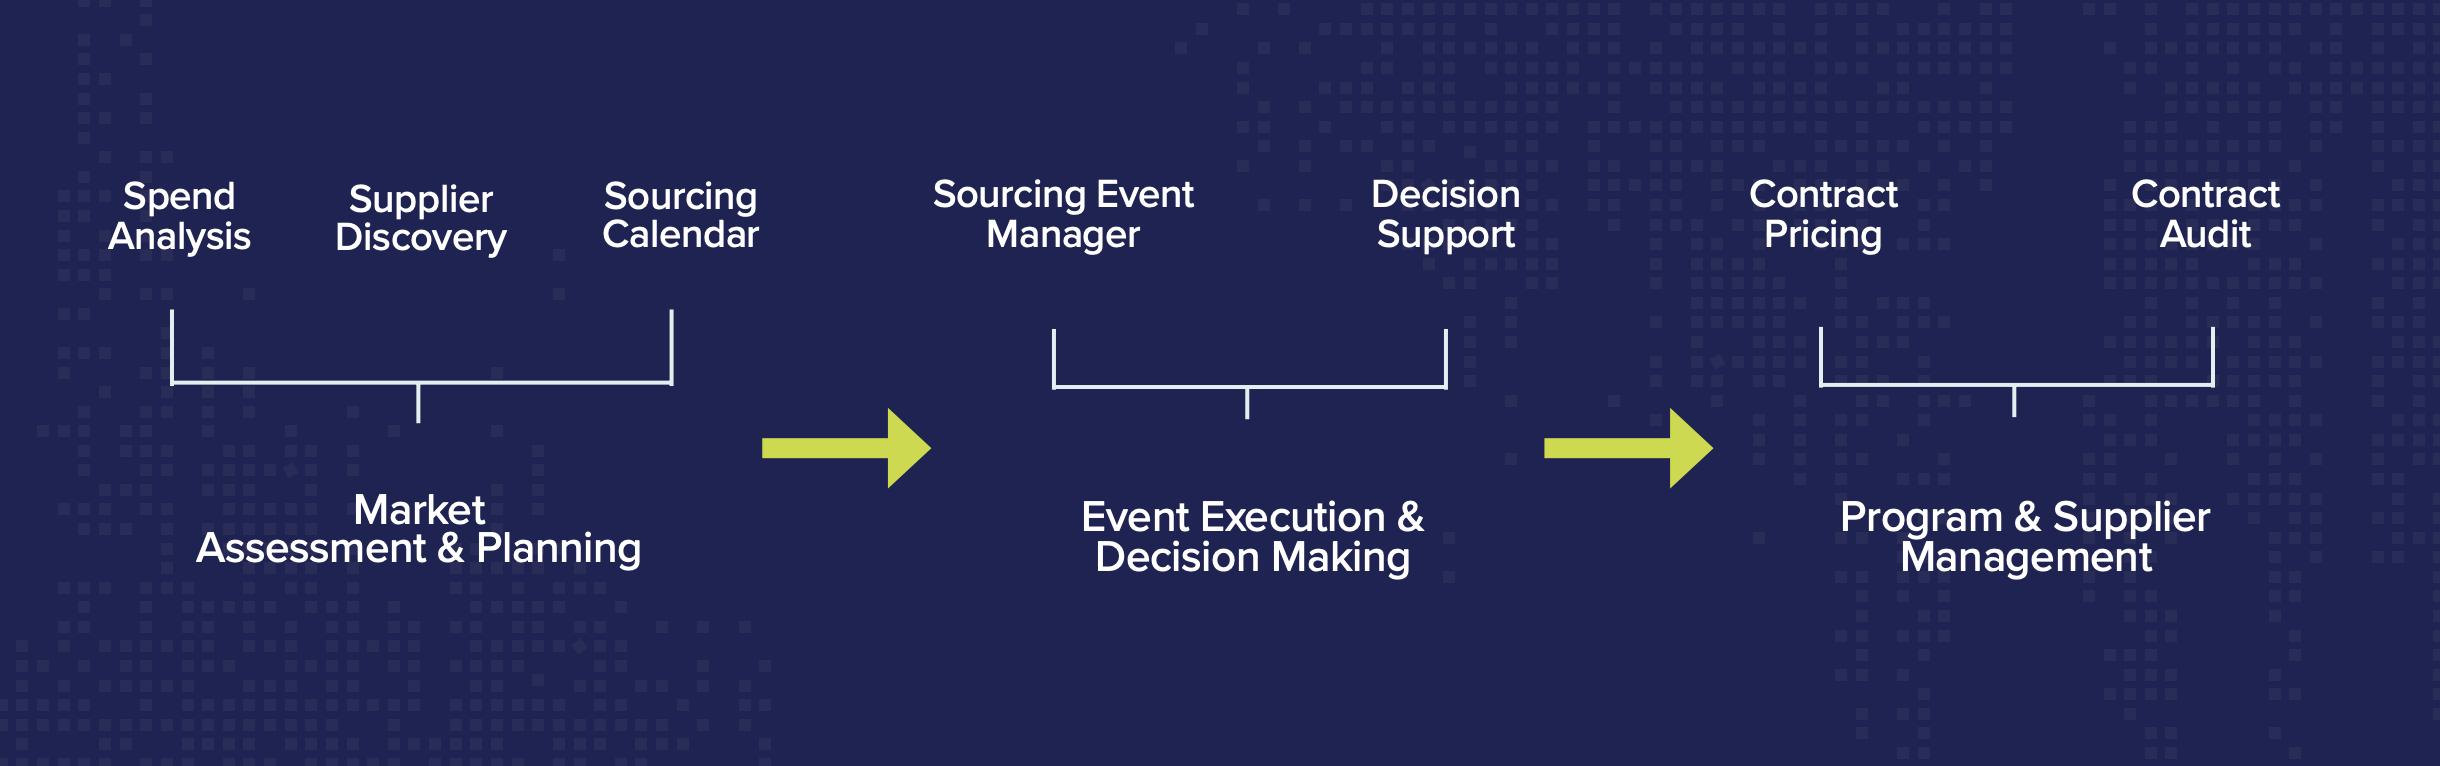 Strategic Sourcing Workflow